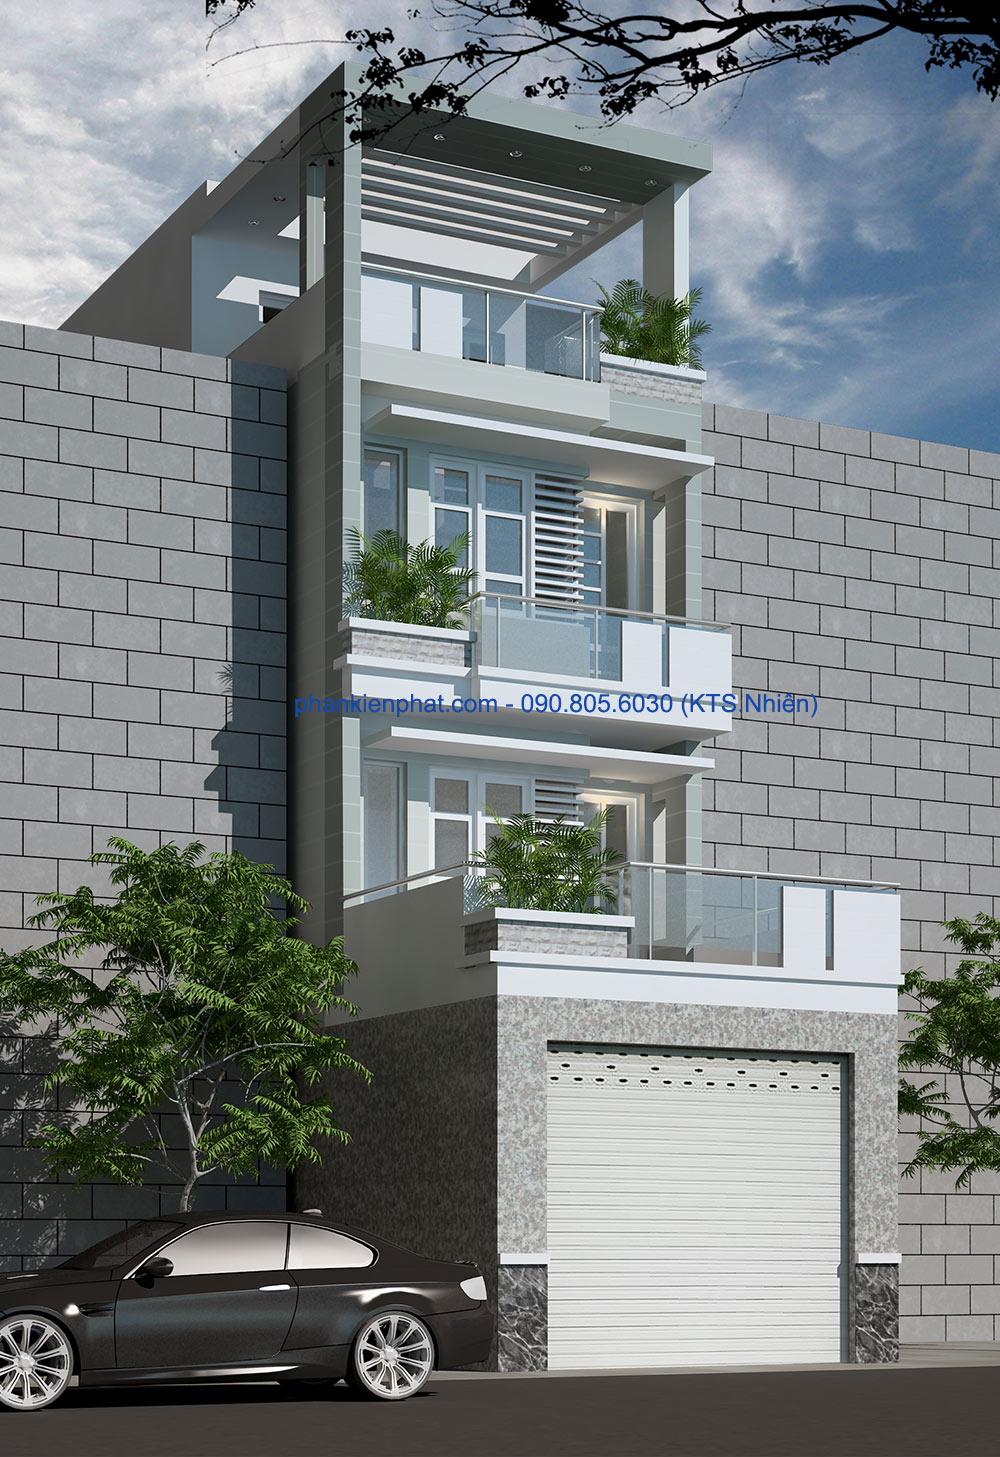 Công trình, Thiết kế xây dựng nhà phố, Chú Hữu Lộc